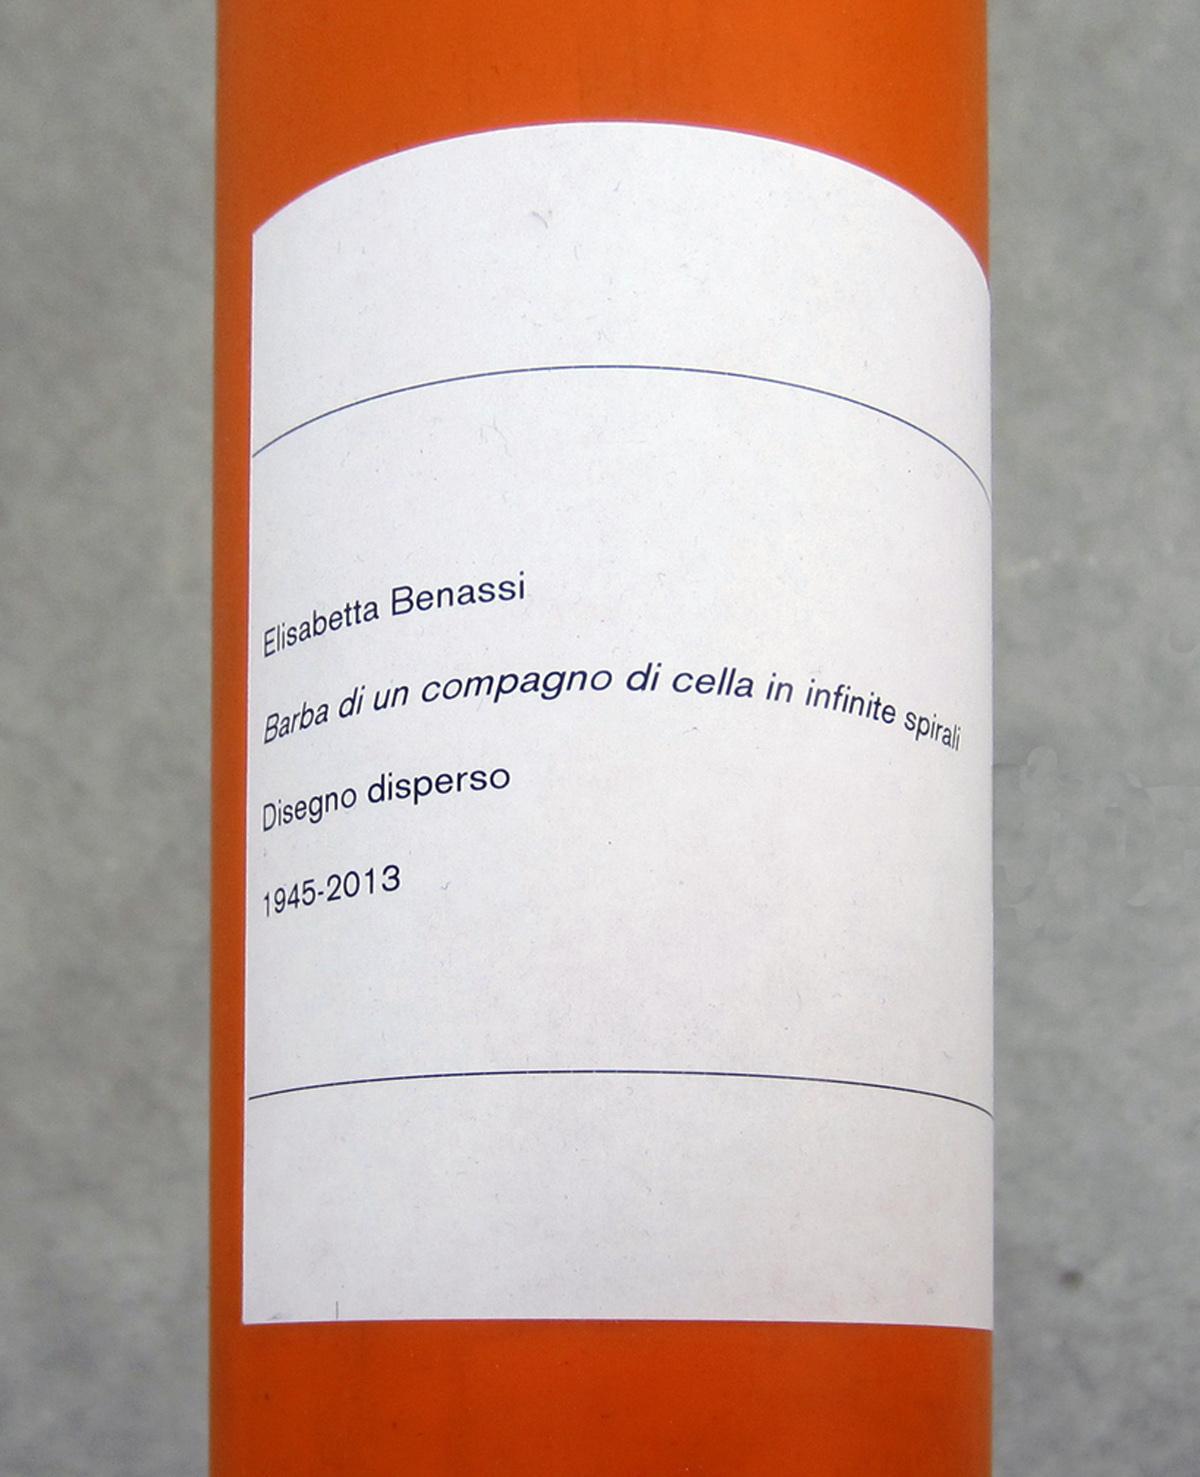 e-benassi_barba-di-un-compagno-di-cella-in-infinite-spirali-2013_02